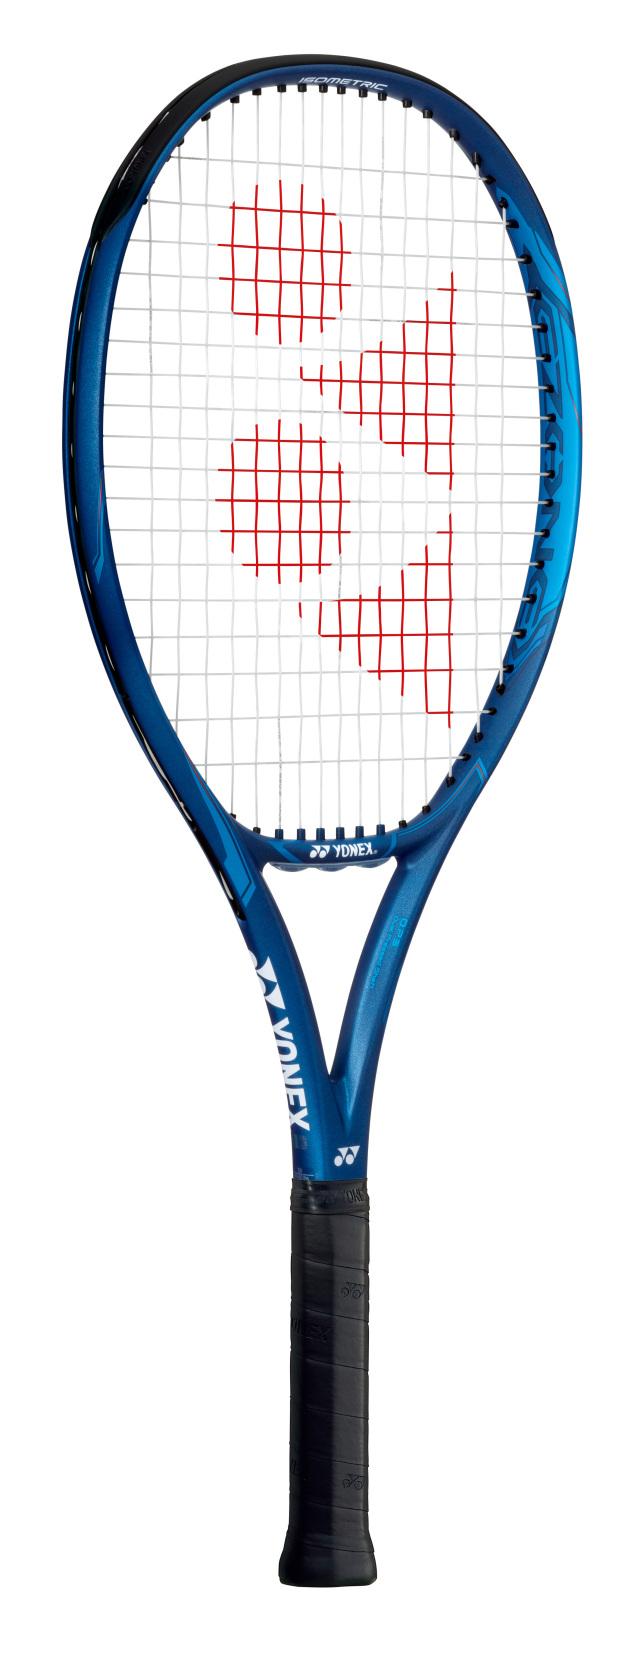 ジュニア用硬式テニスラケット ヨネックス EZONE 26 E ゾーン26 (26インチ)